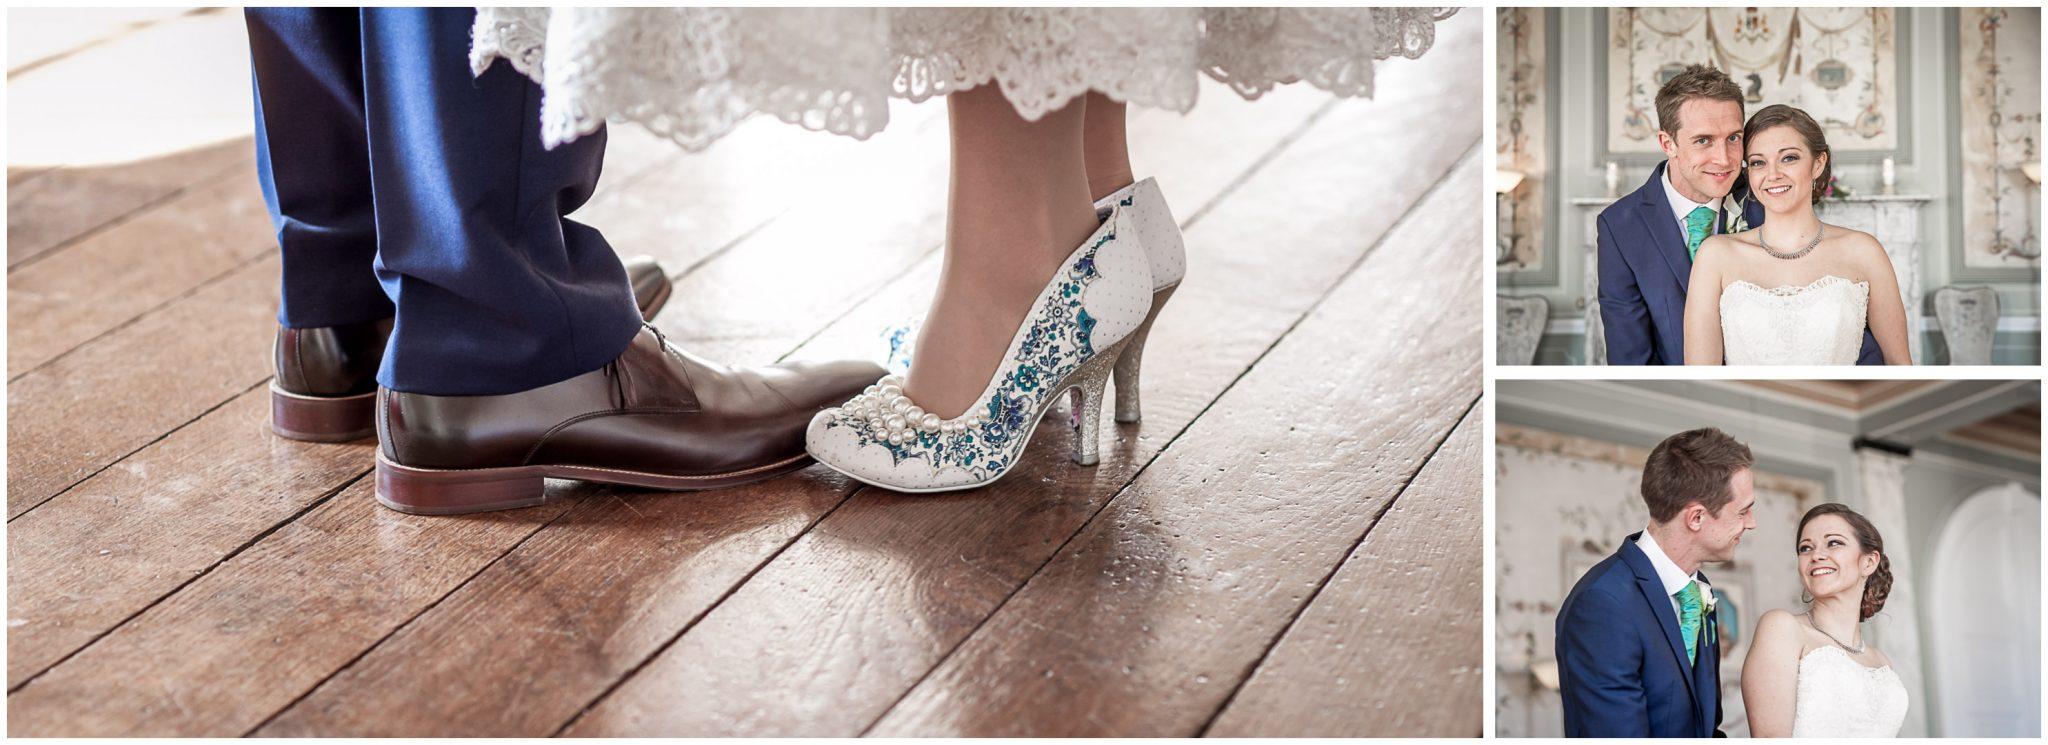 Avington Park wedding photography bride and groom